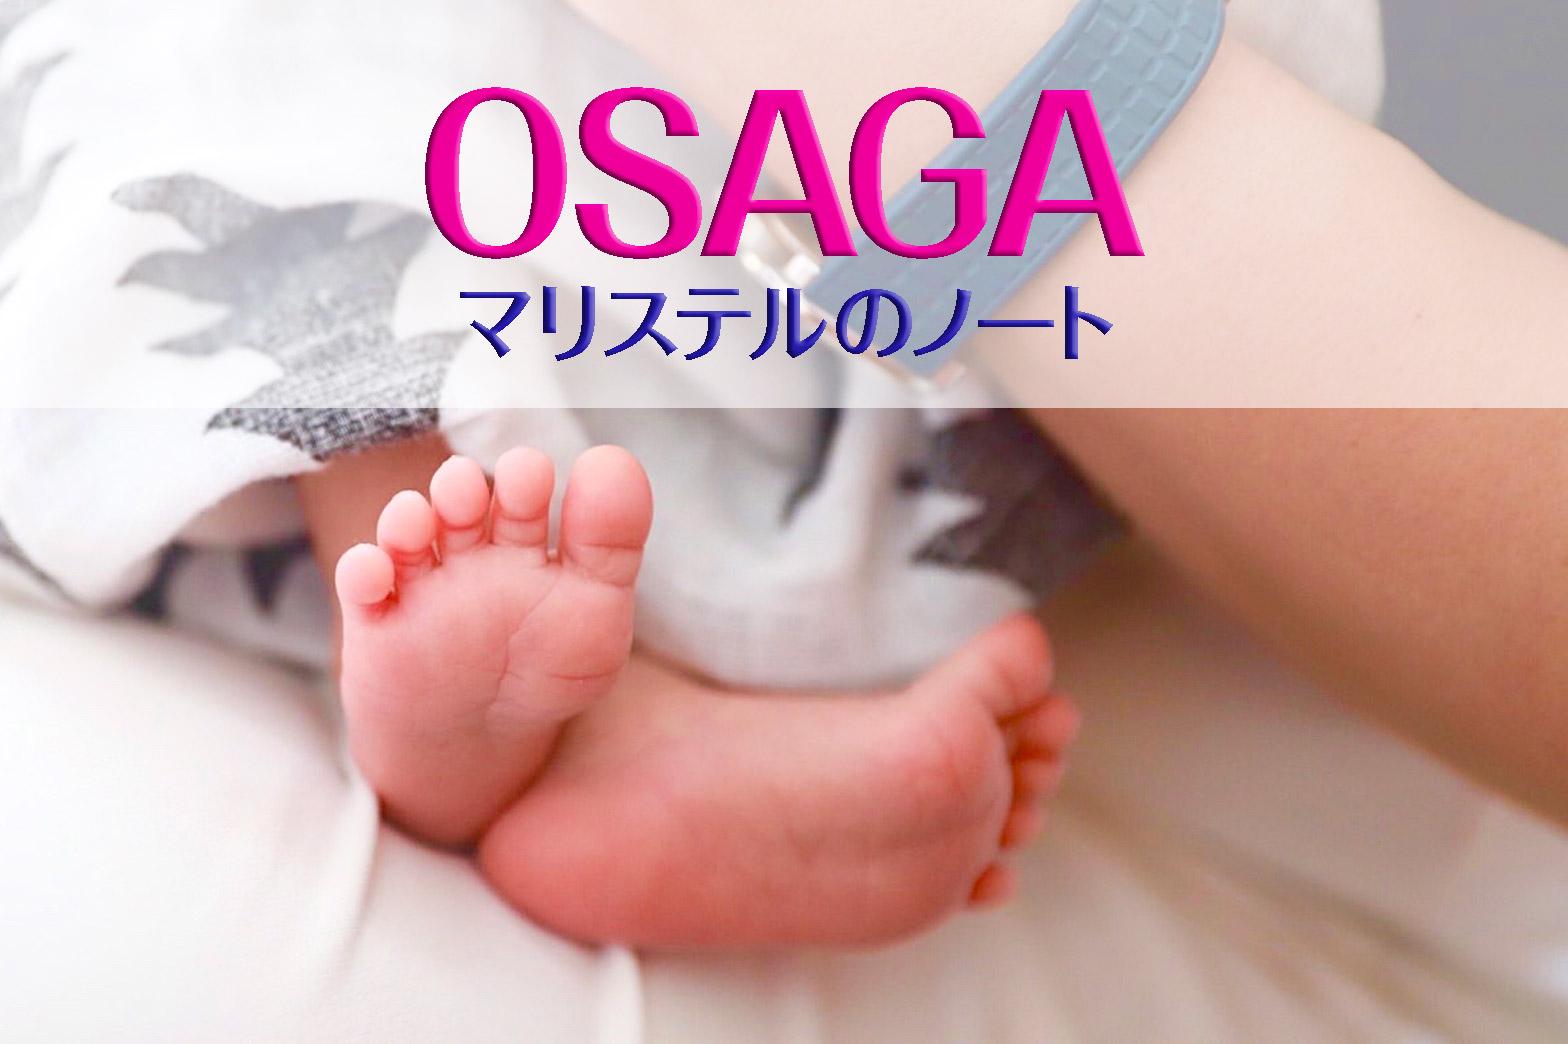 OSAGA